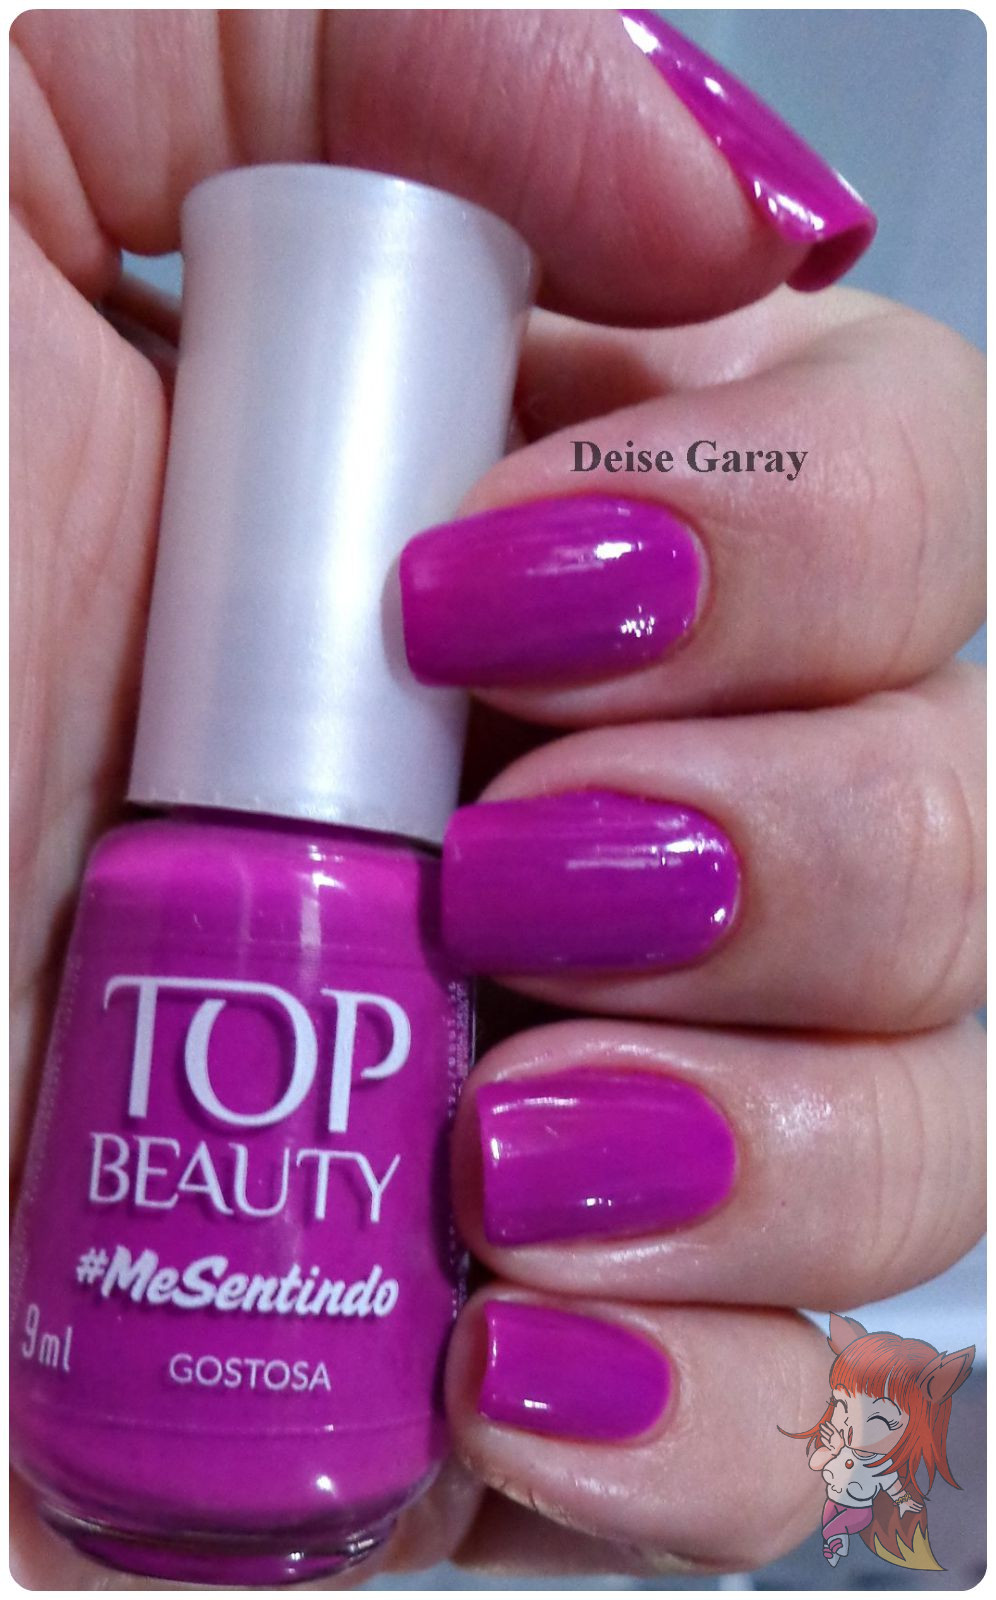 Esmalte Top Beauty :: Coleção #MeSentindo - Gostosa